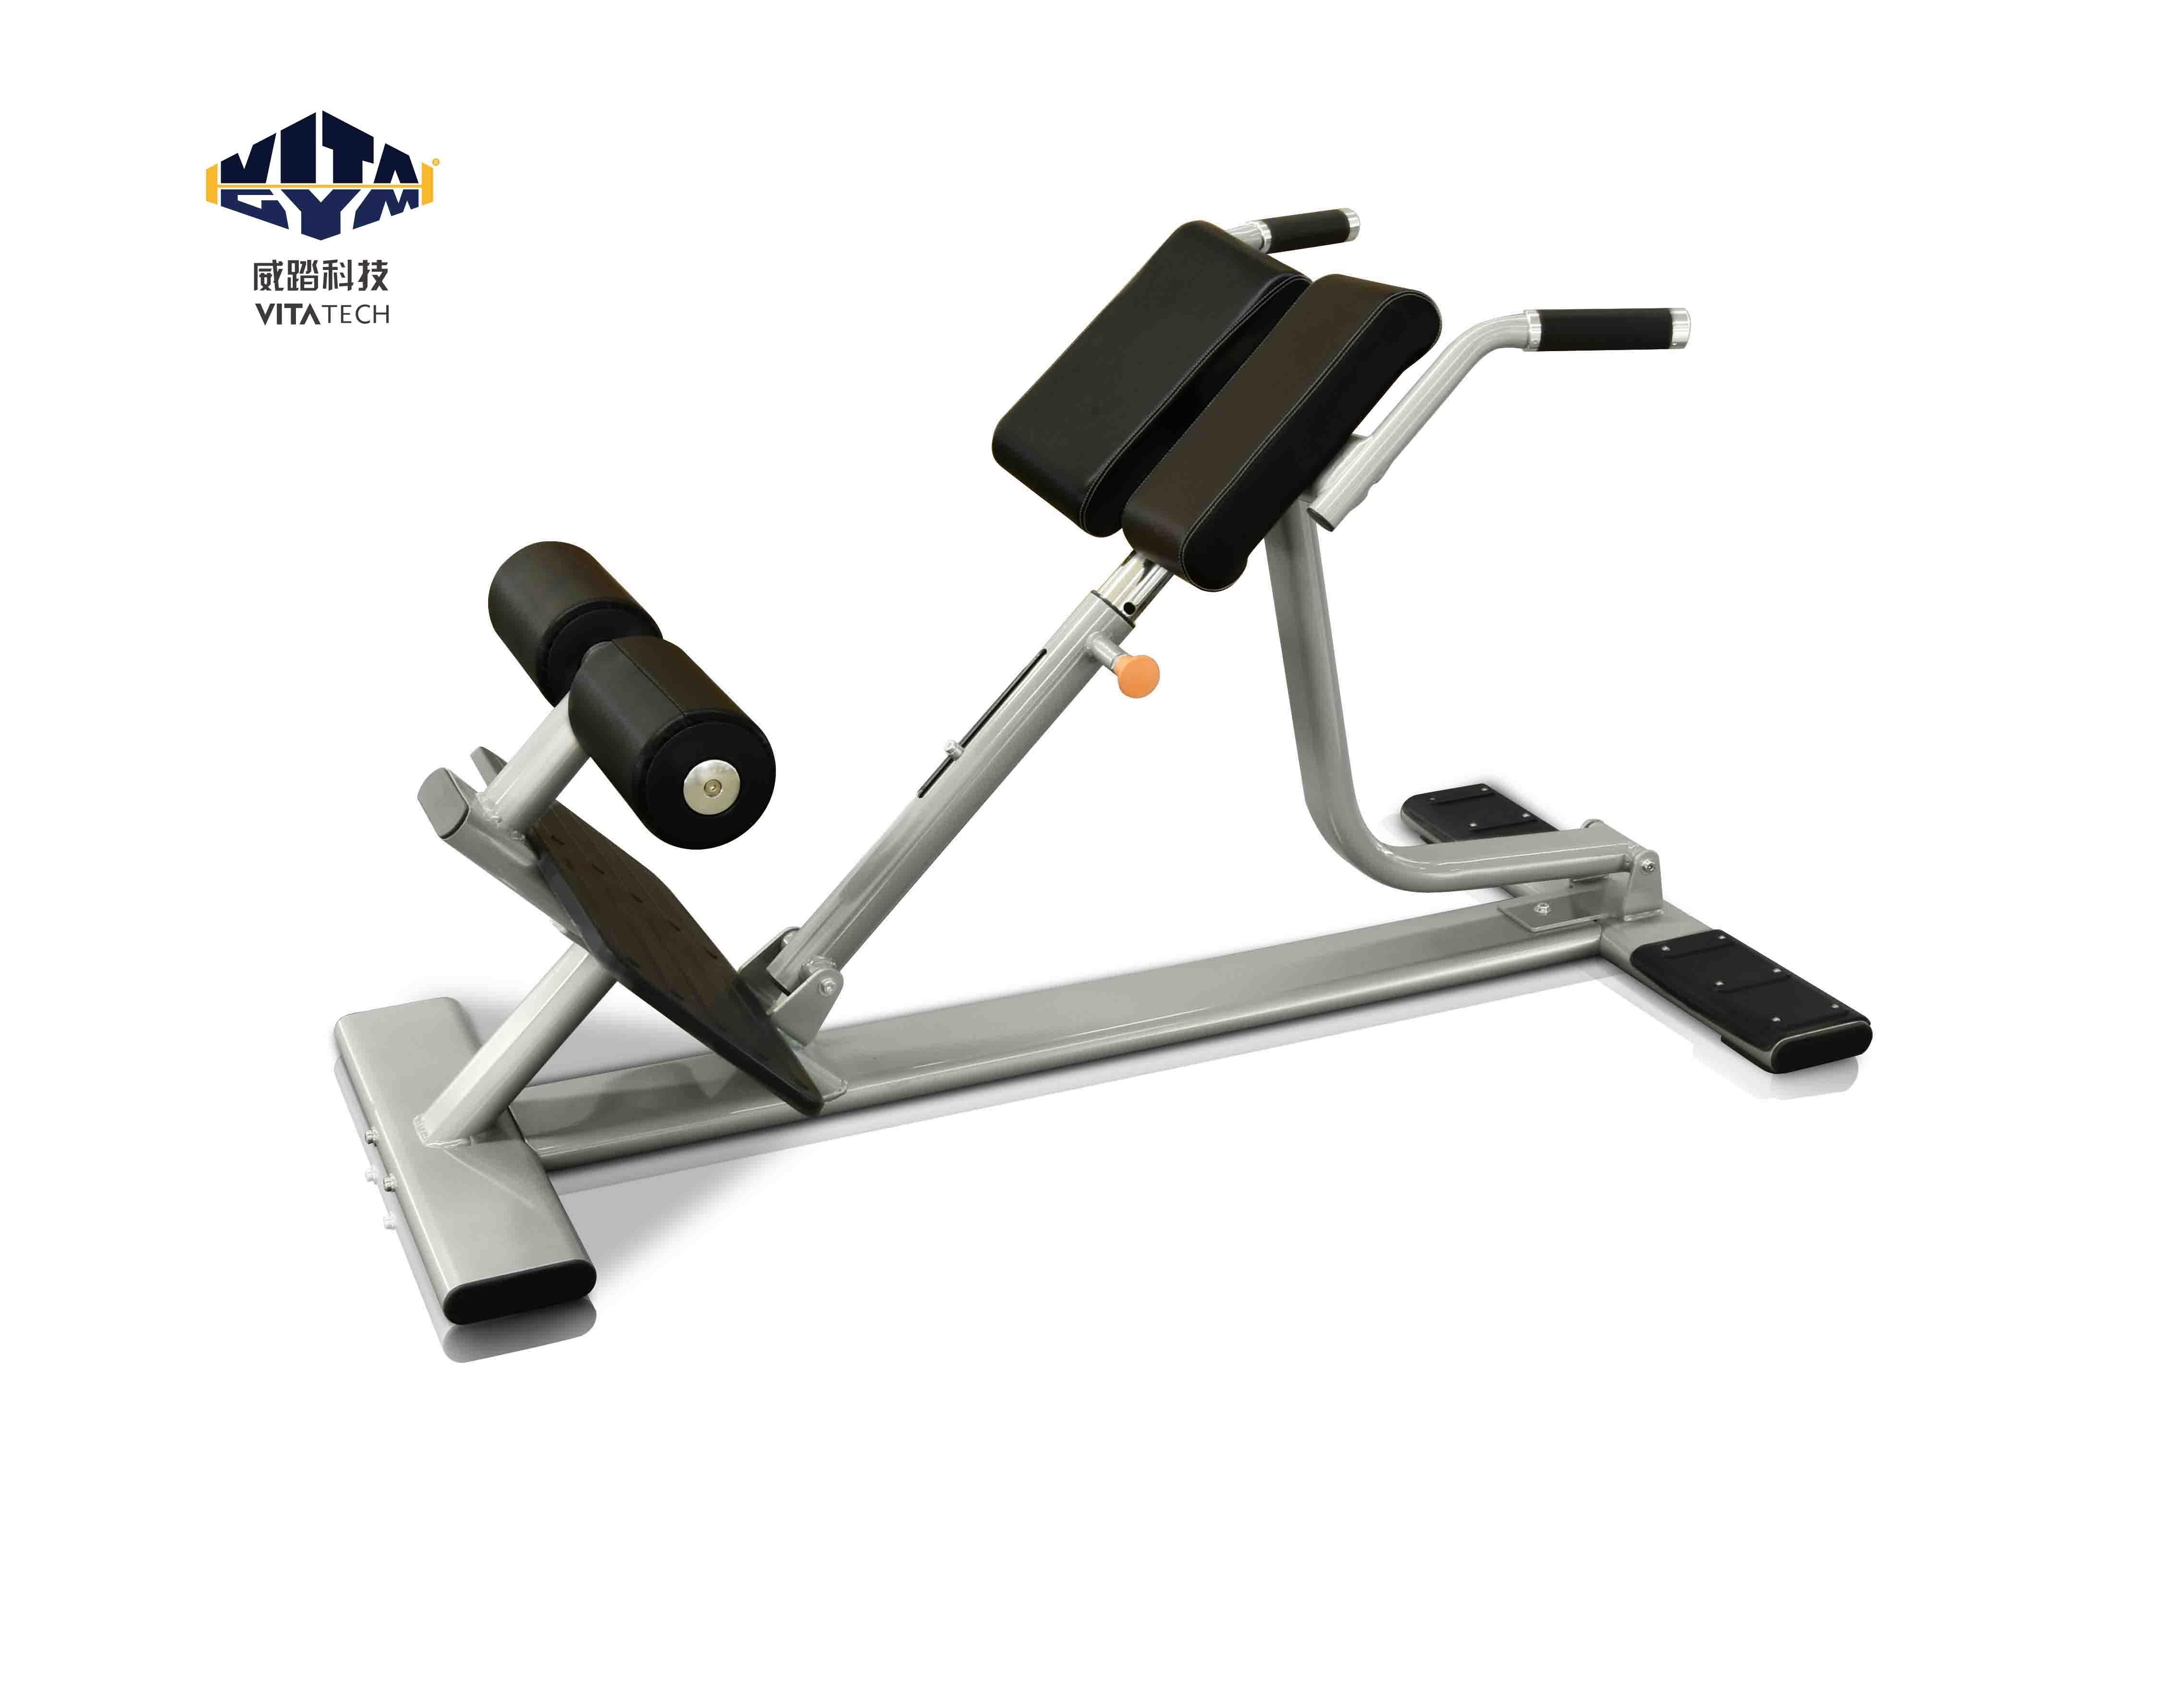 45度背肌伸展训练椅